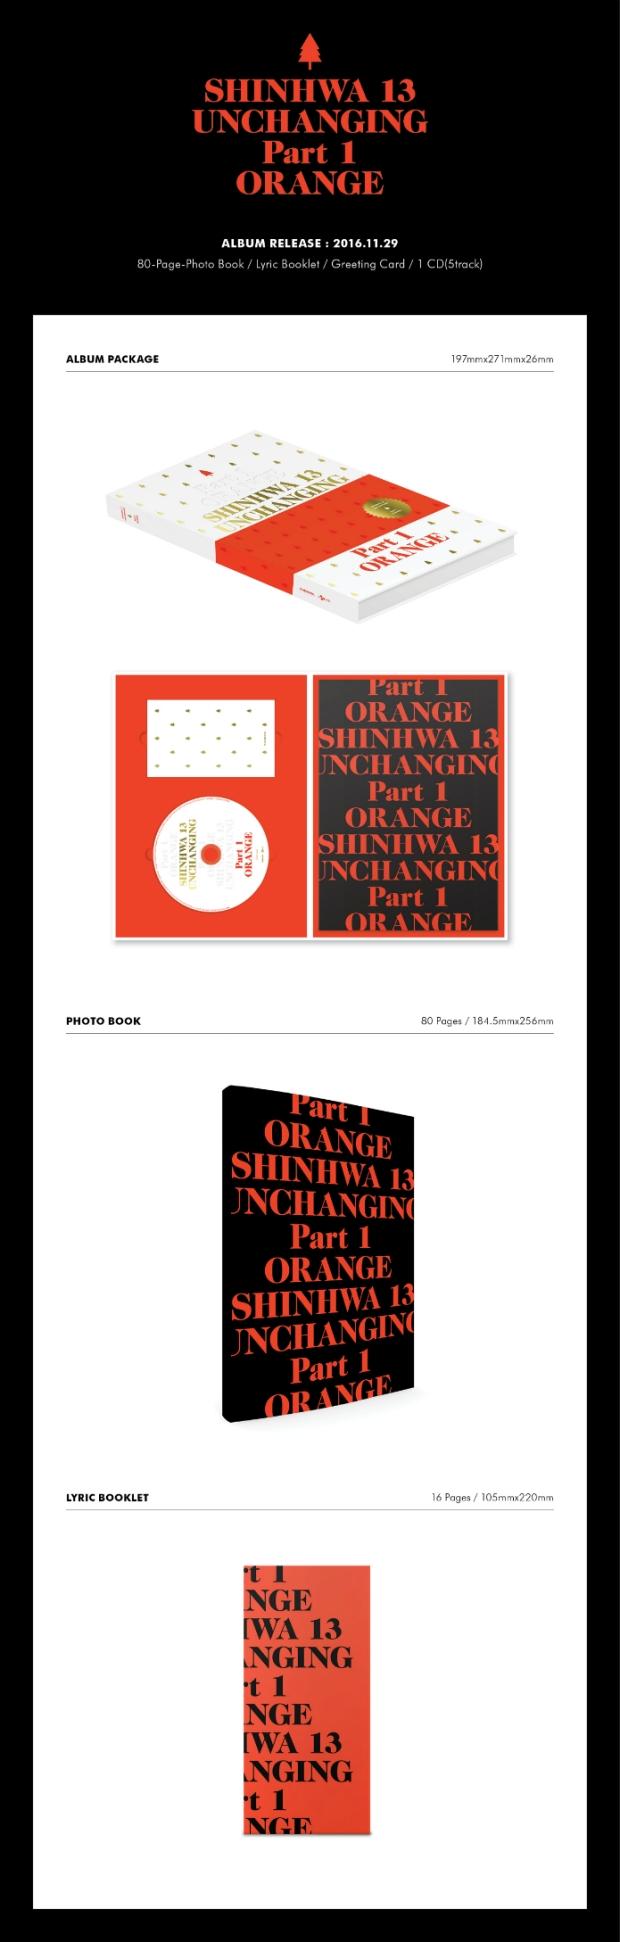 shinhwa-13th-album